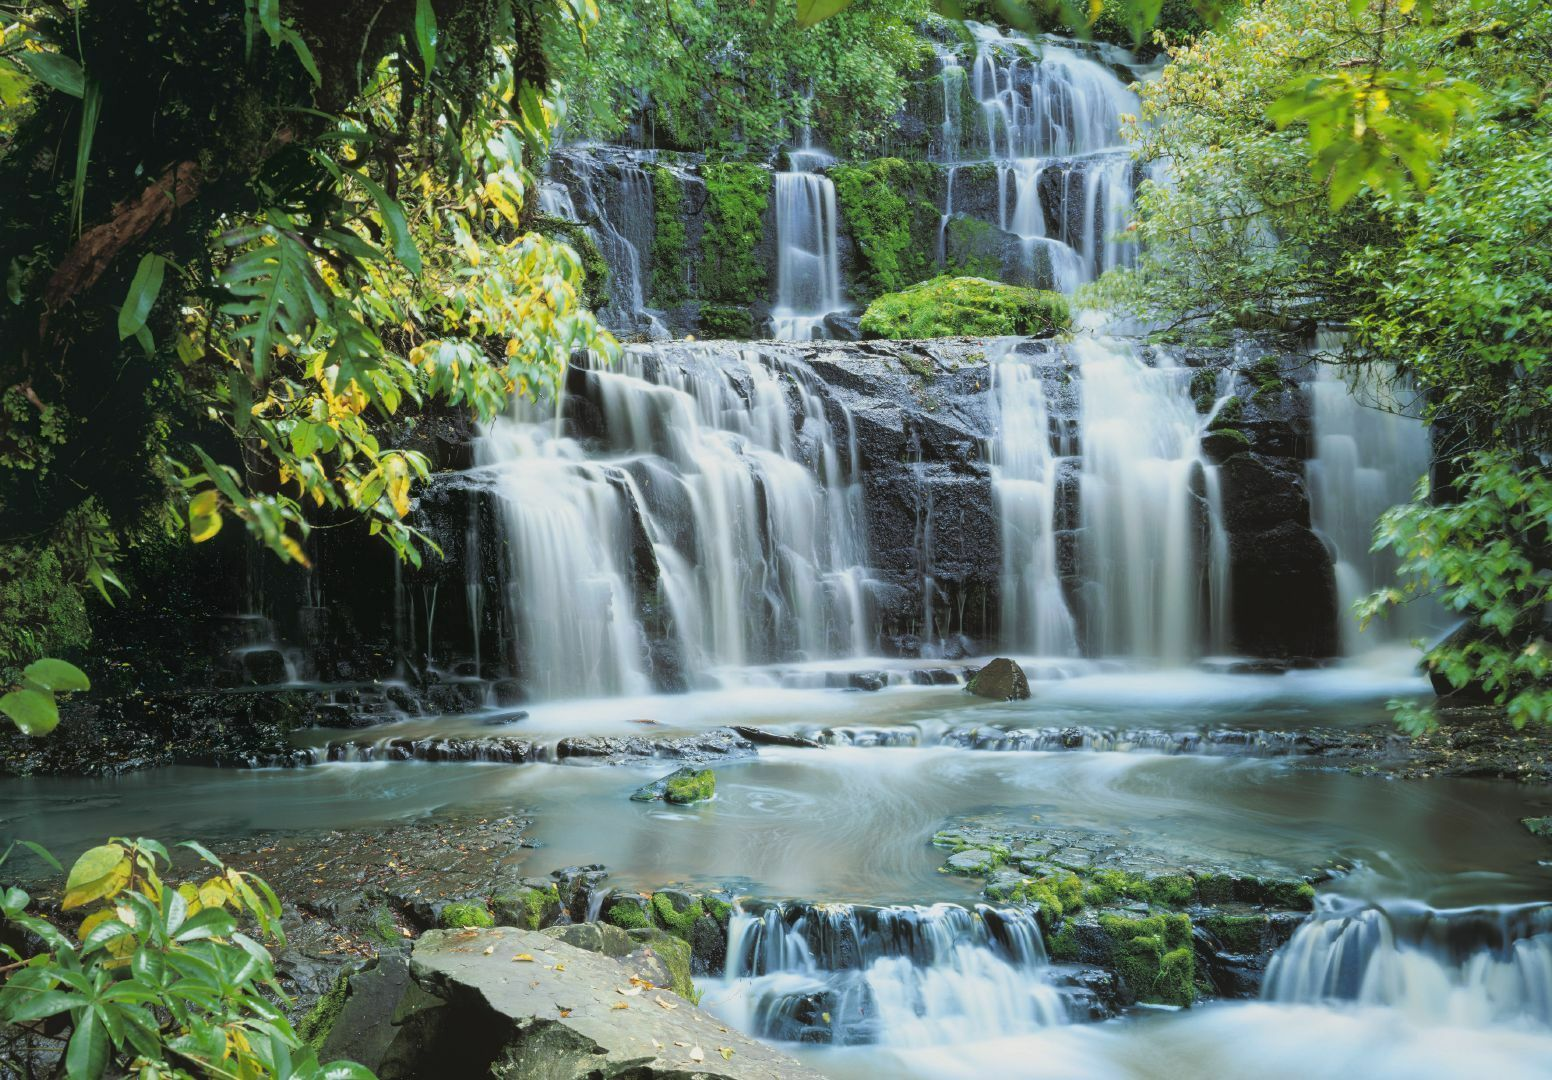 Poster gigantografia gigantografia gigantografia Komar - Waterfall (cod. 8-256) -  mis. 368x254 cm 9f75bd